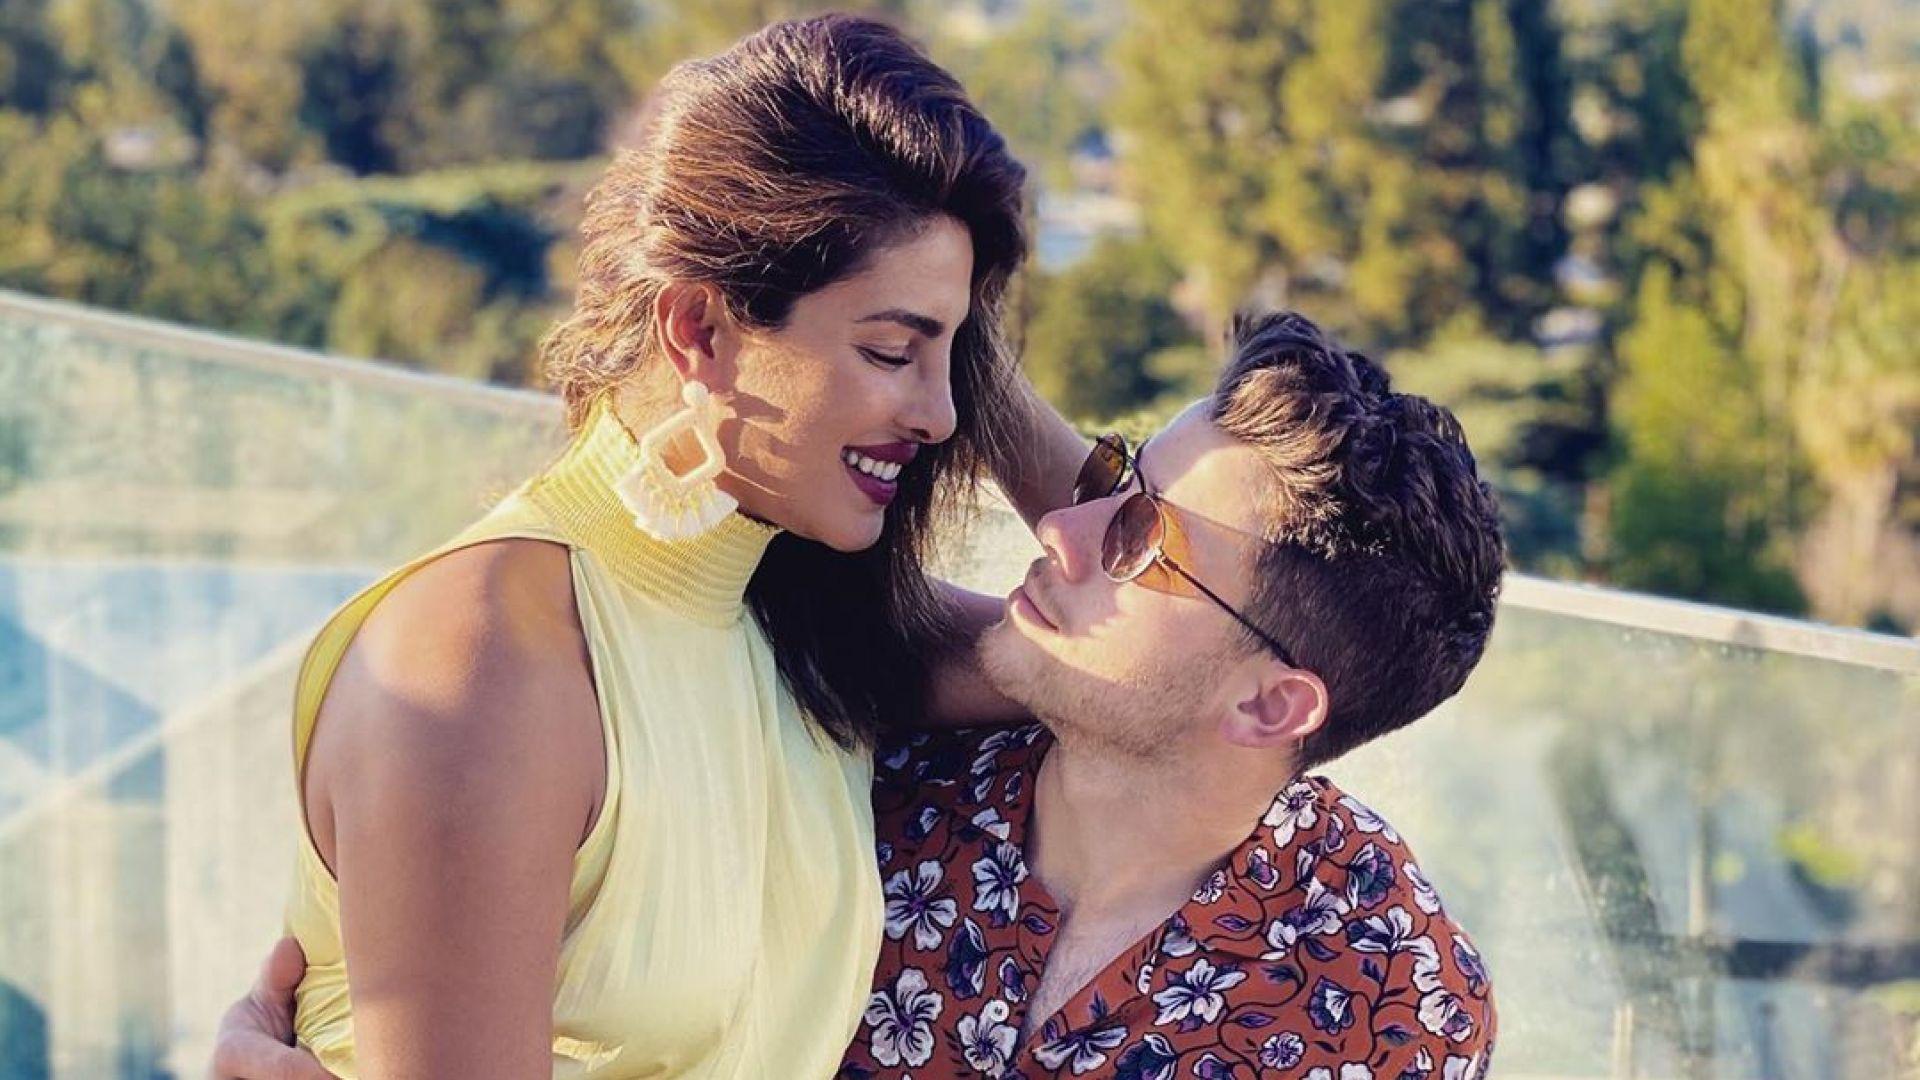 Ник Джонас към Приянка Чопра за рождения ѝ ден: Мога вечно да се взирам в очите ти